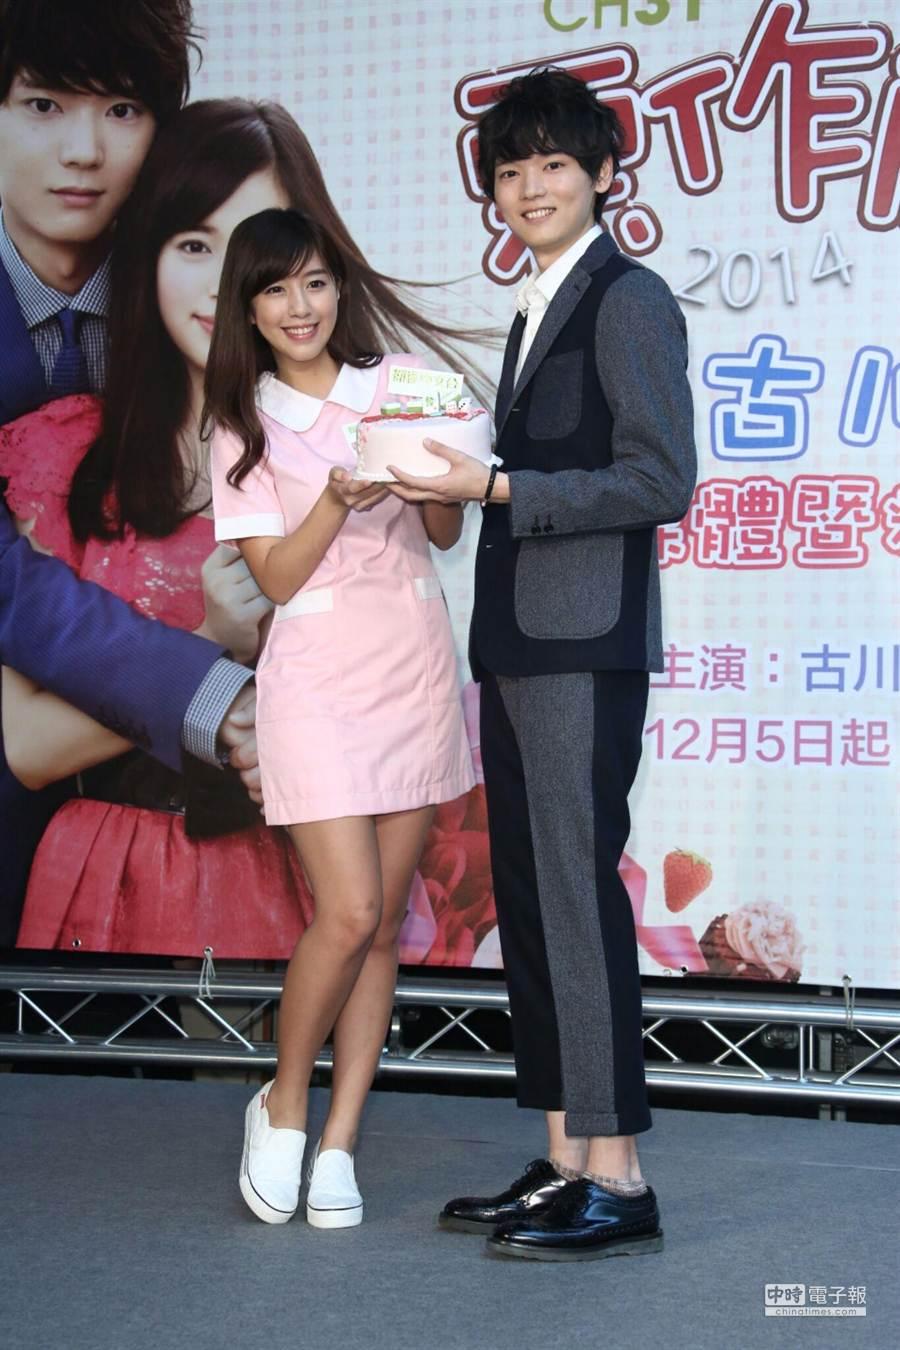 辜莞允模仿戲中女主角打扮成護士送上麻將蛋糕給古川雄輝。(羅永銘攝)